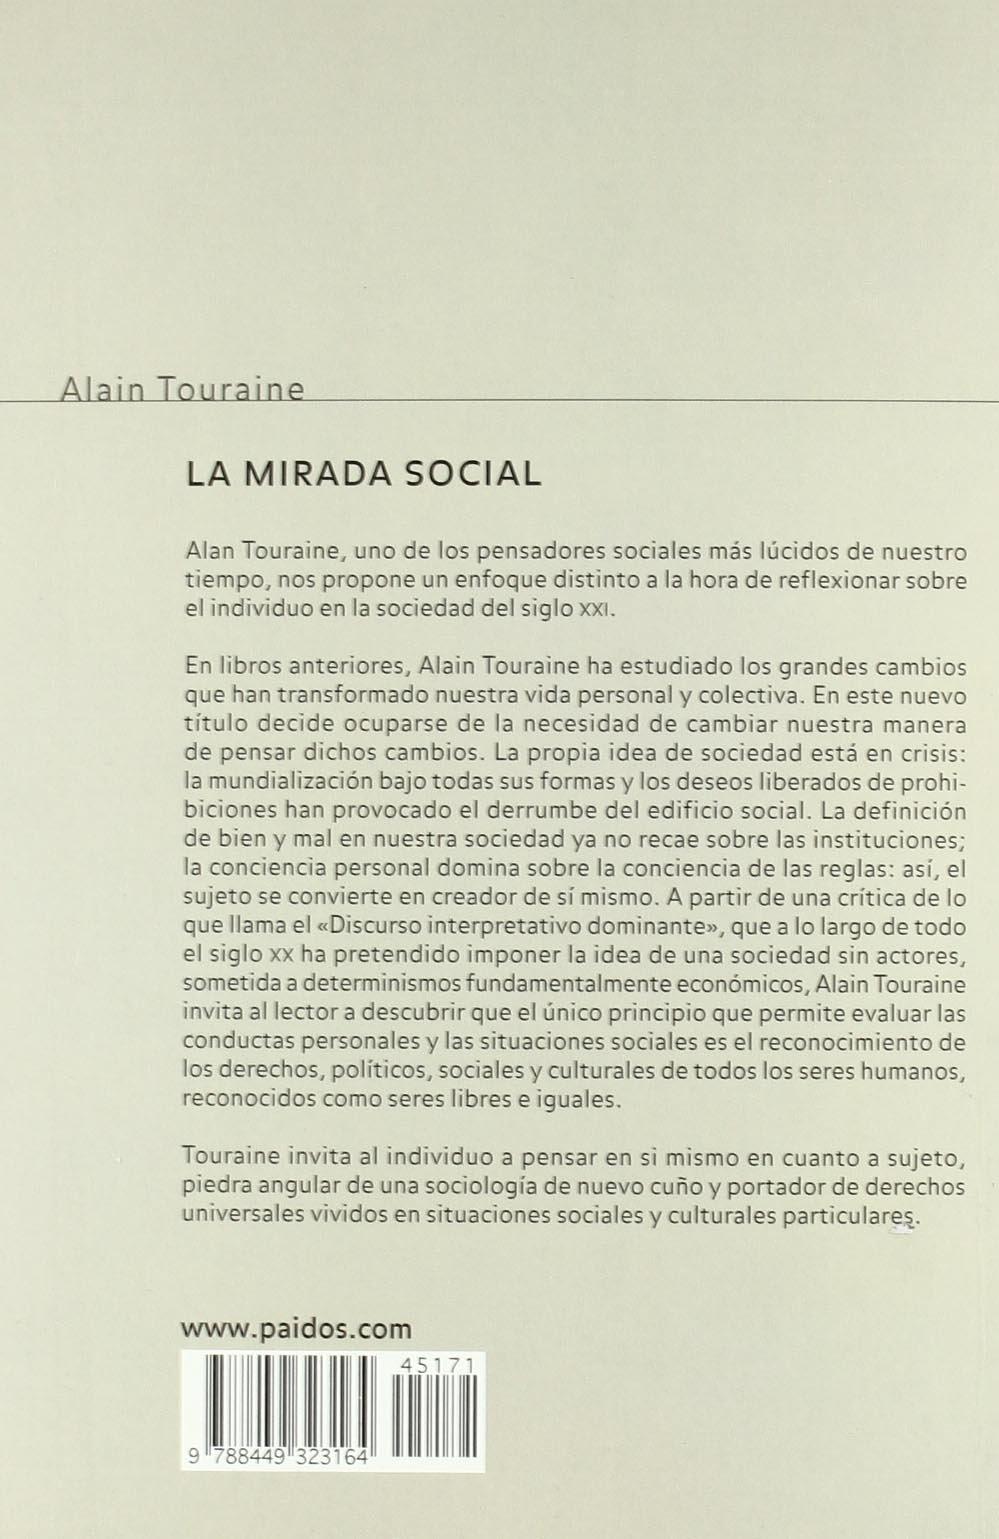 La mirada social: Un marco de pensamiento distinto para el siglo XXI Estado y Sociedad: Amazon.es: Alain Touraine: Libros